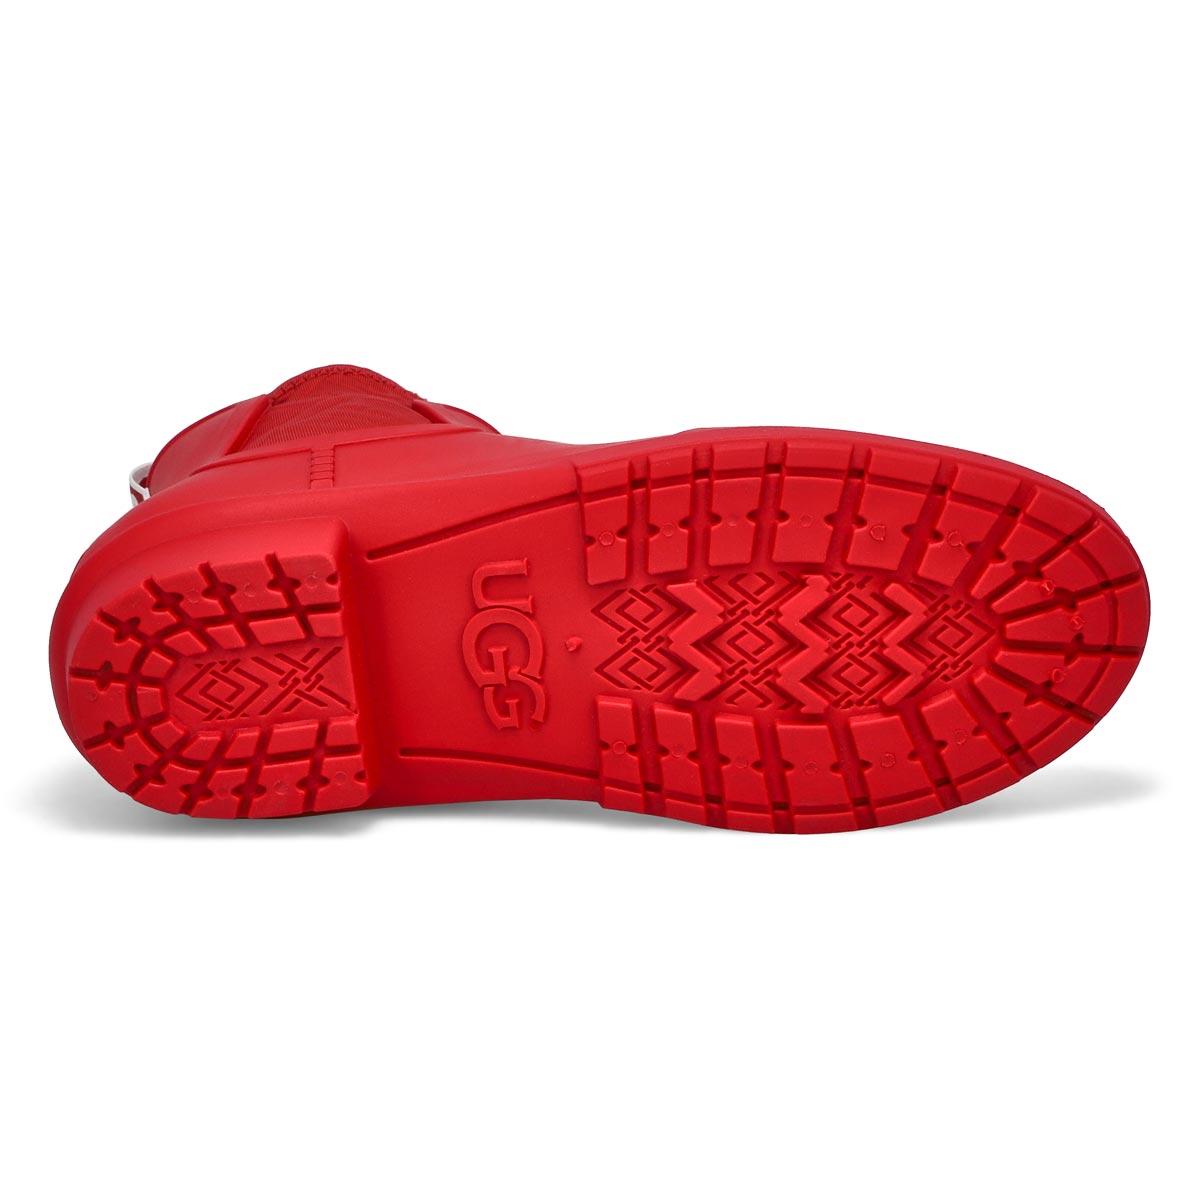 Women's Chevonne Chelsea Rain Boot - Red